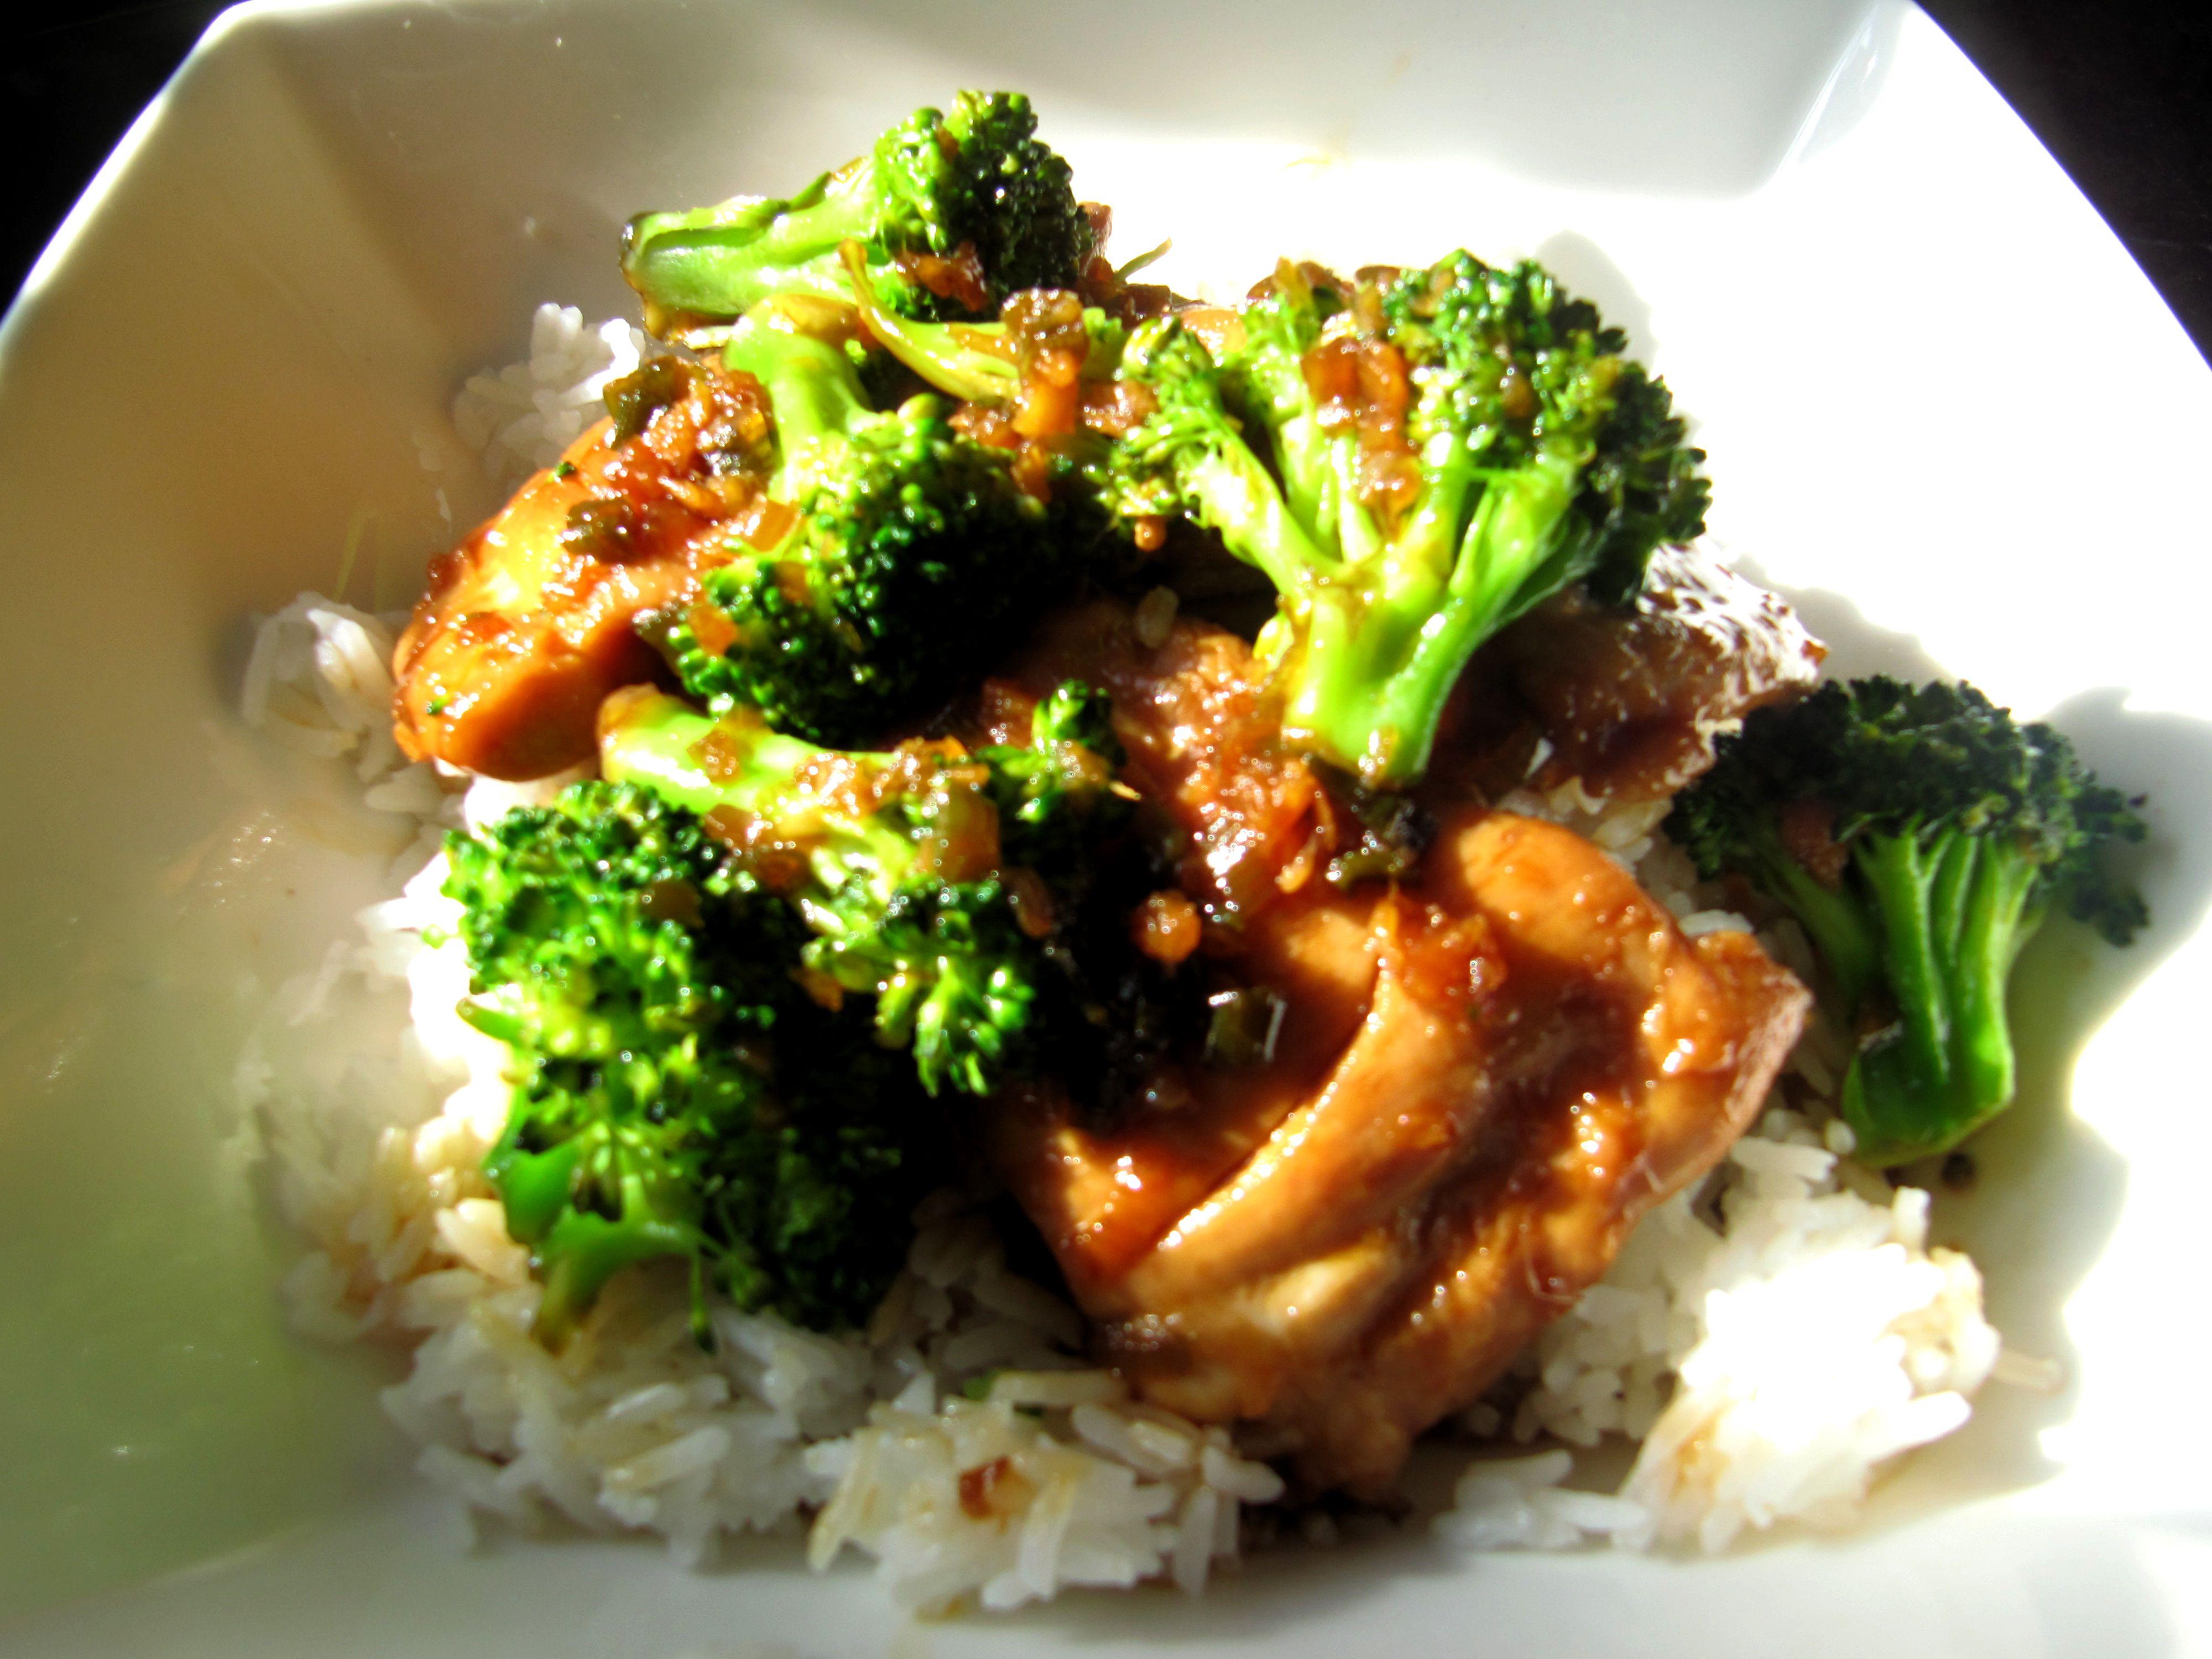 Chinese Chicken Broccoli Erren S Kitchen Recipe For Chinese Chicken And Broccoli Chinese Chicken Chicken Broccoli